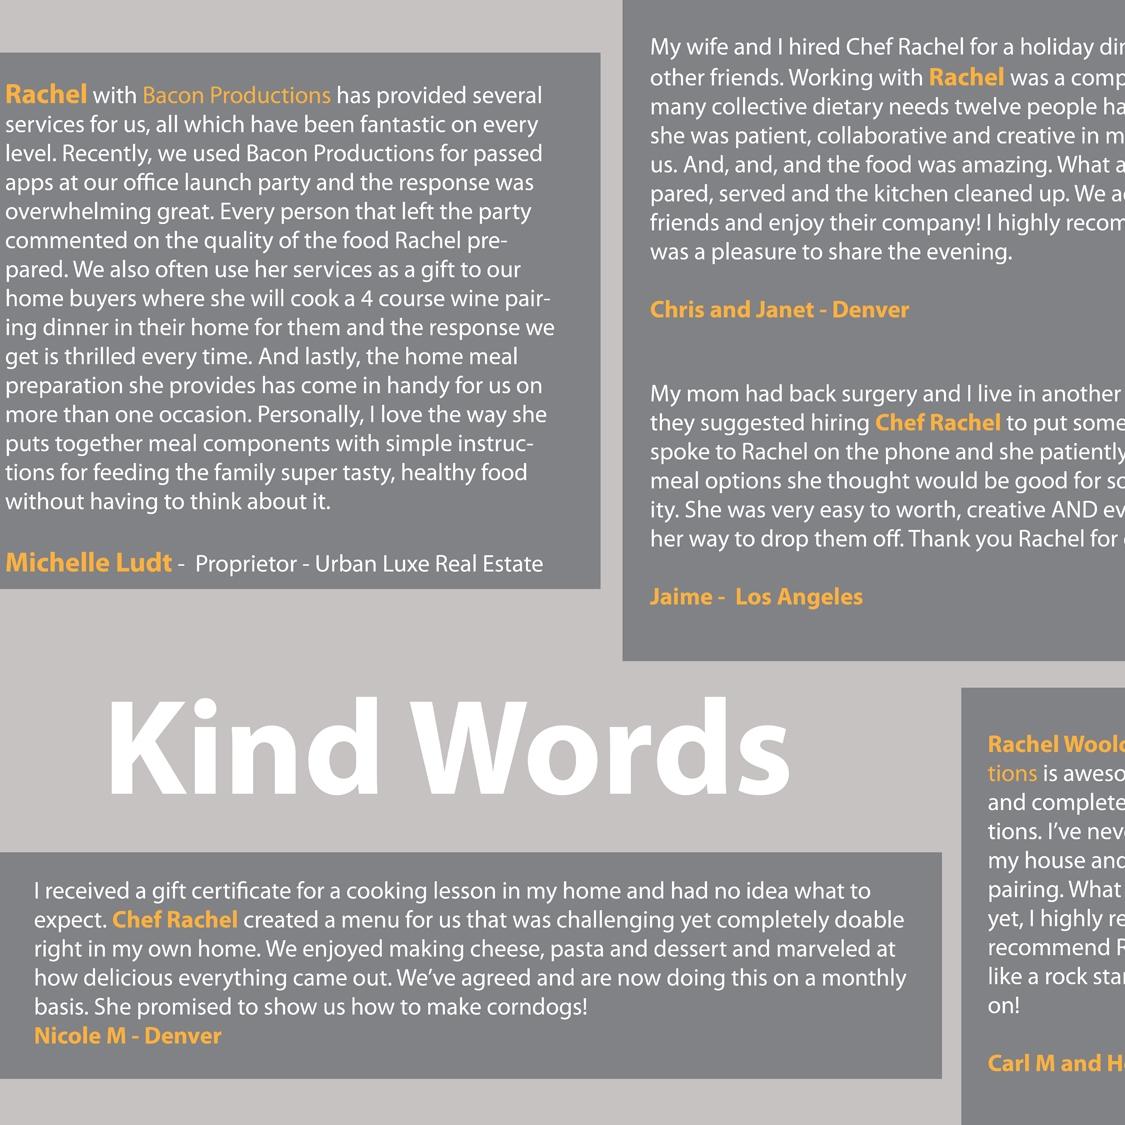 kindwords.jpeg